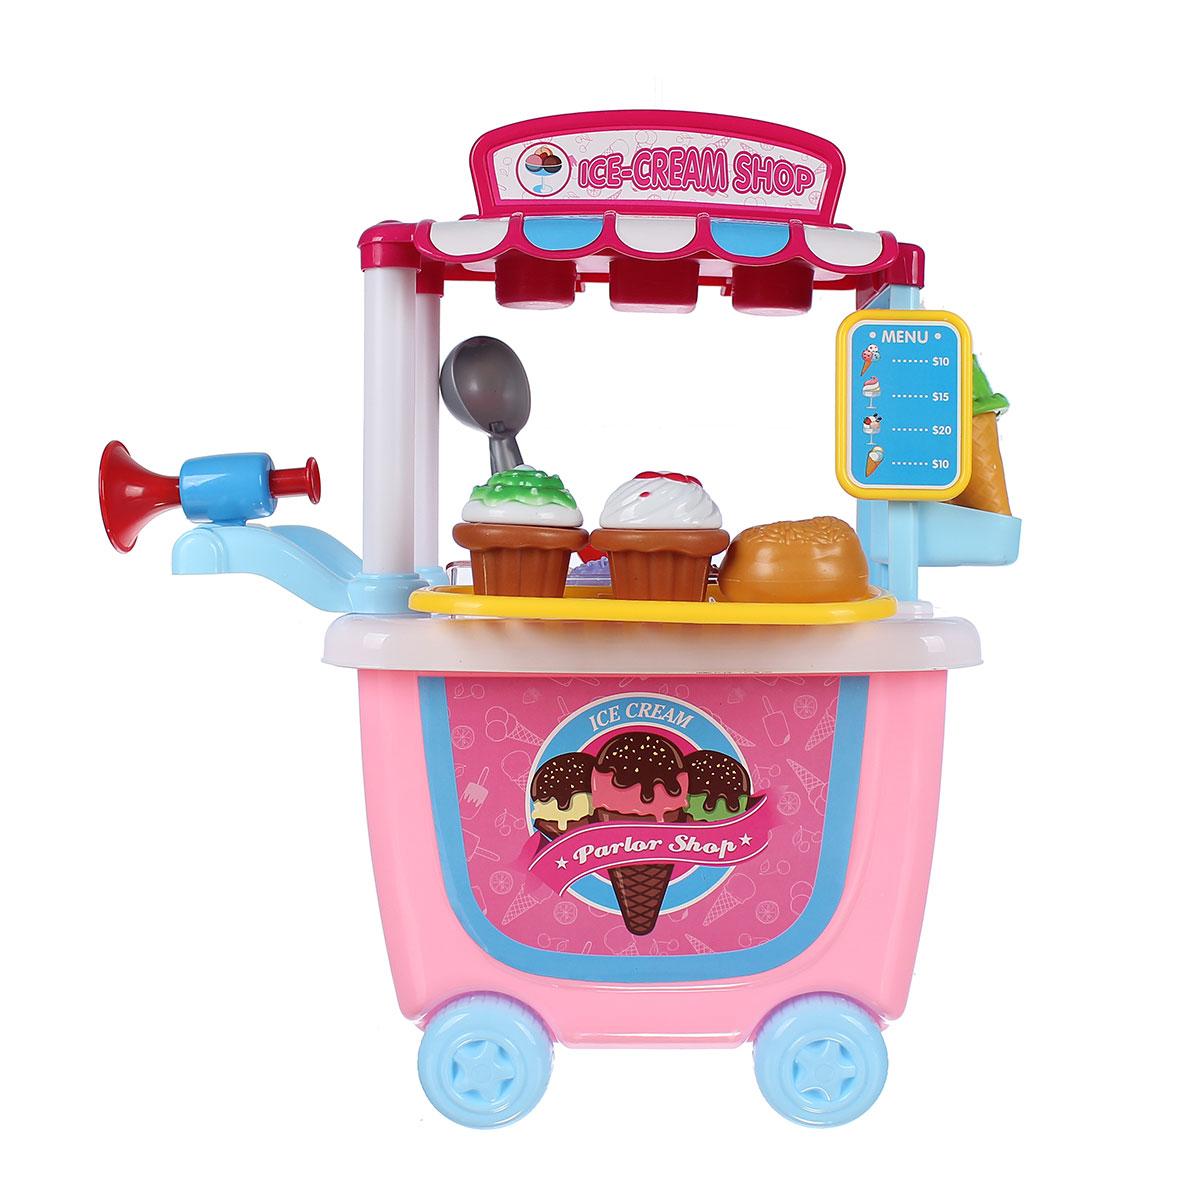 Đồ chơi xe đẩy bán kem Bowa IM.8342CB hình ngộ nghĩnh, đáng yêu